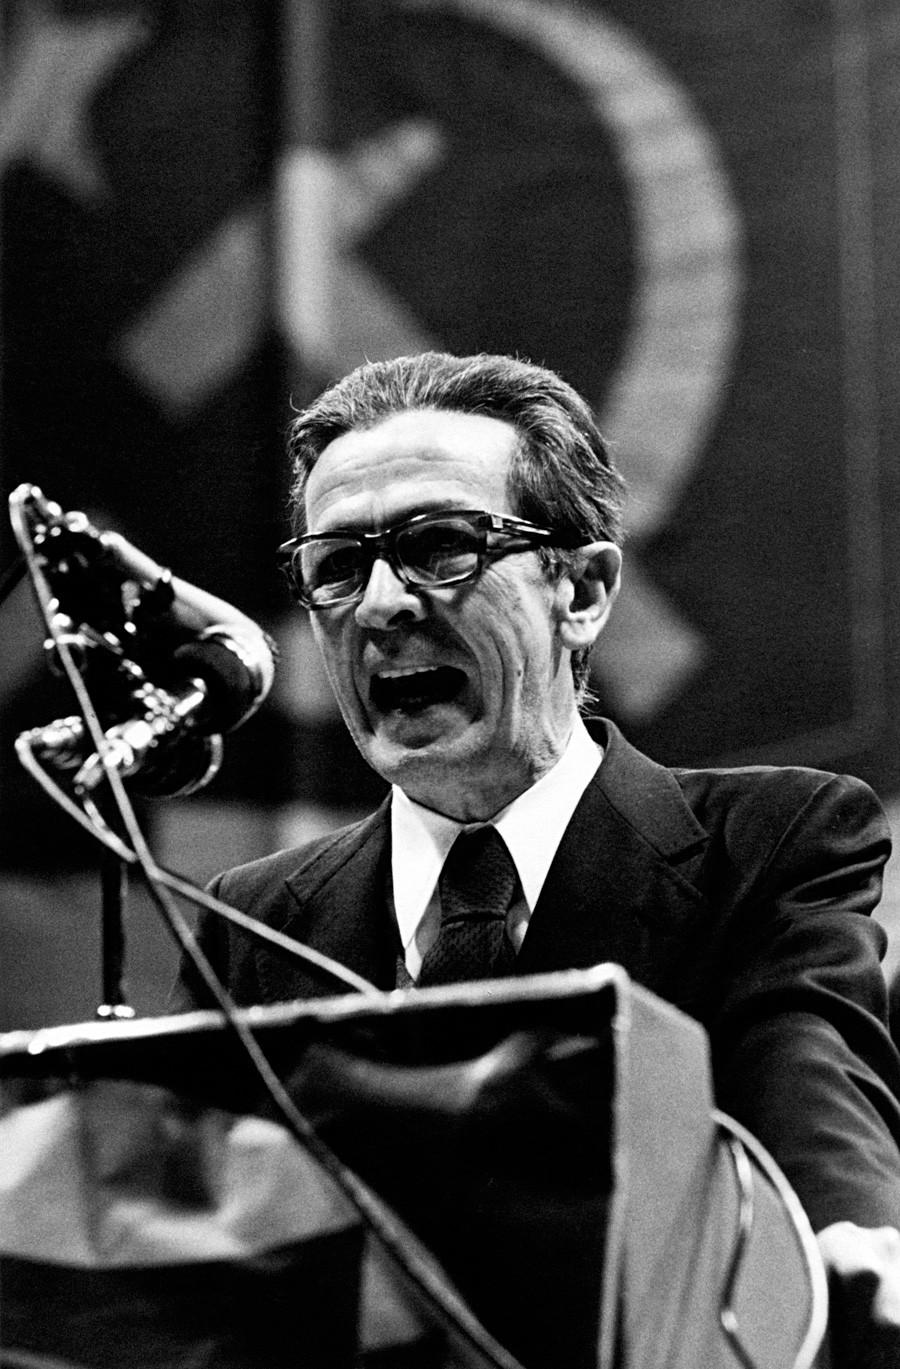 Генерални секретар Италијанске комунистичке партије Енрико Берлингвер, који је окренуо леђа СССР-у, држи говор на седници током 1980-их.